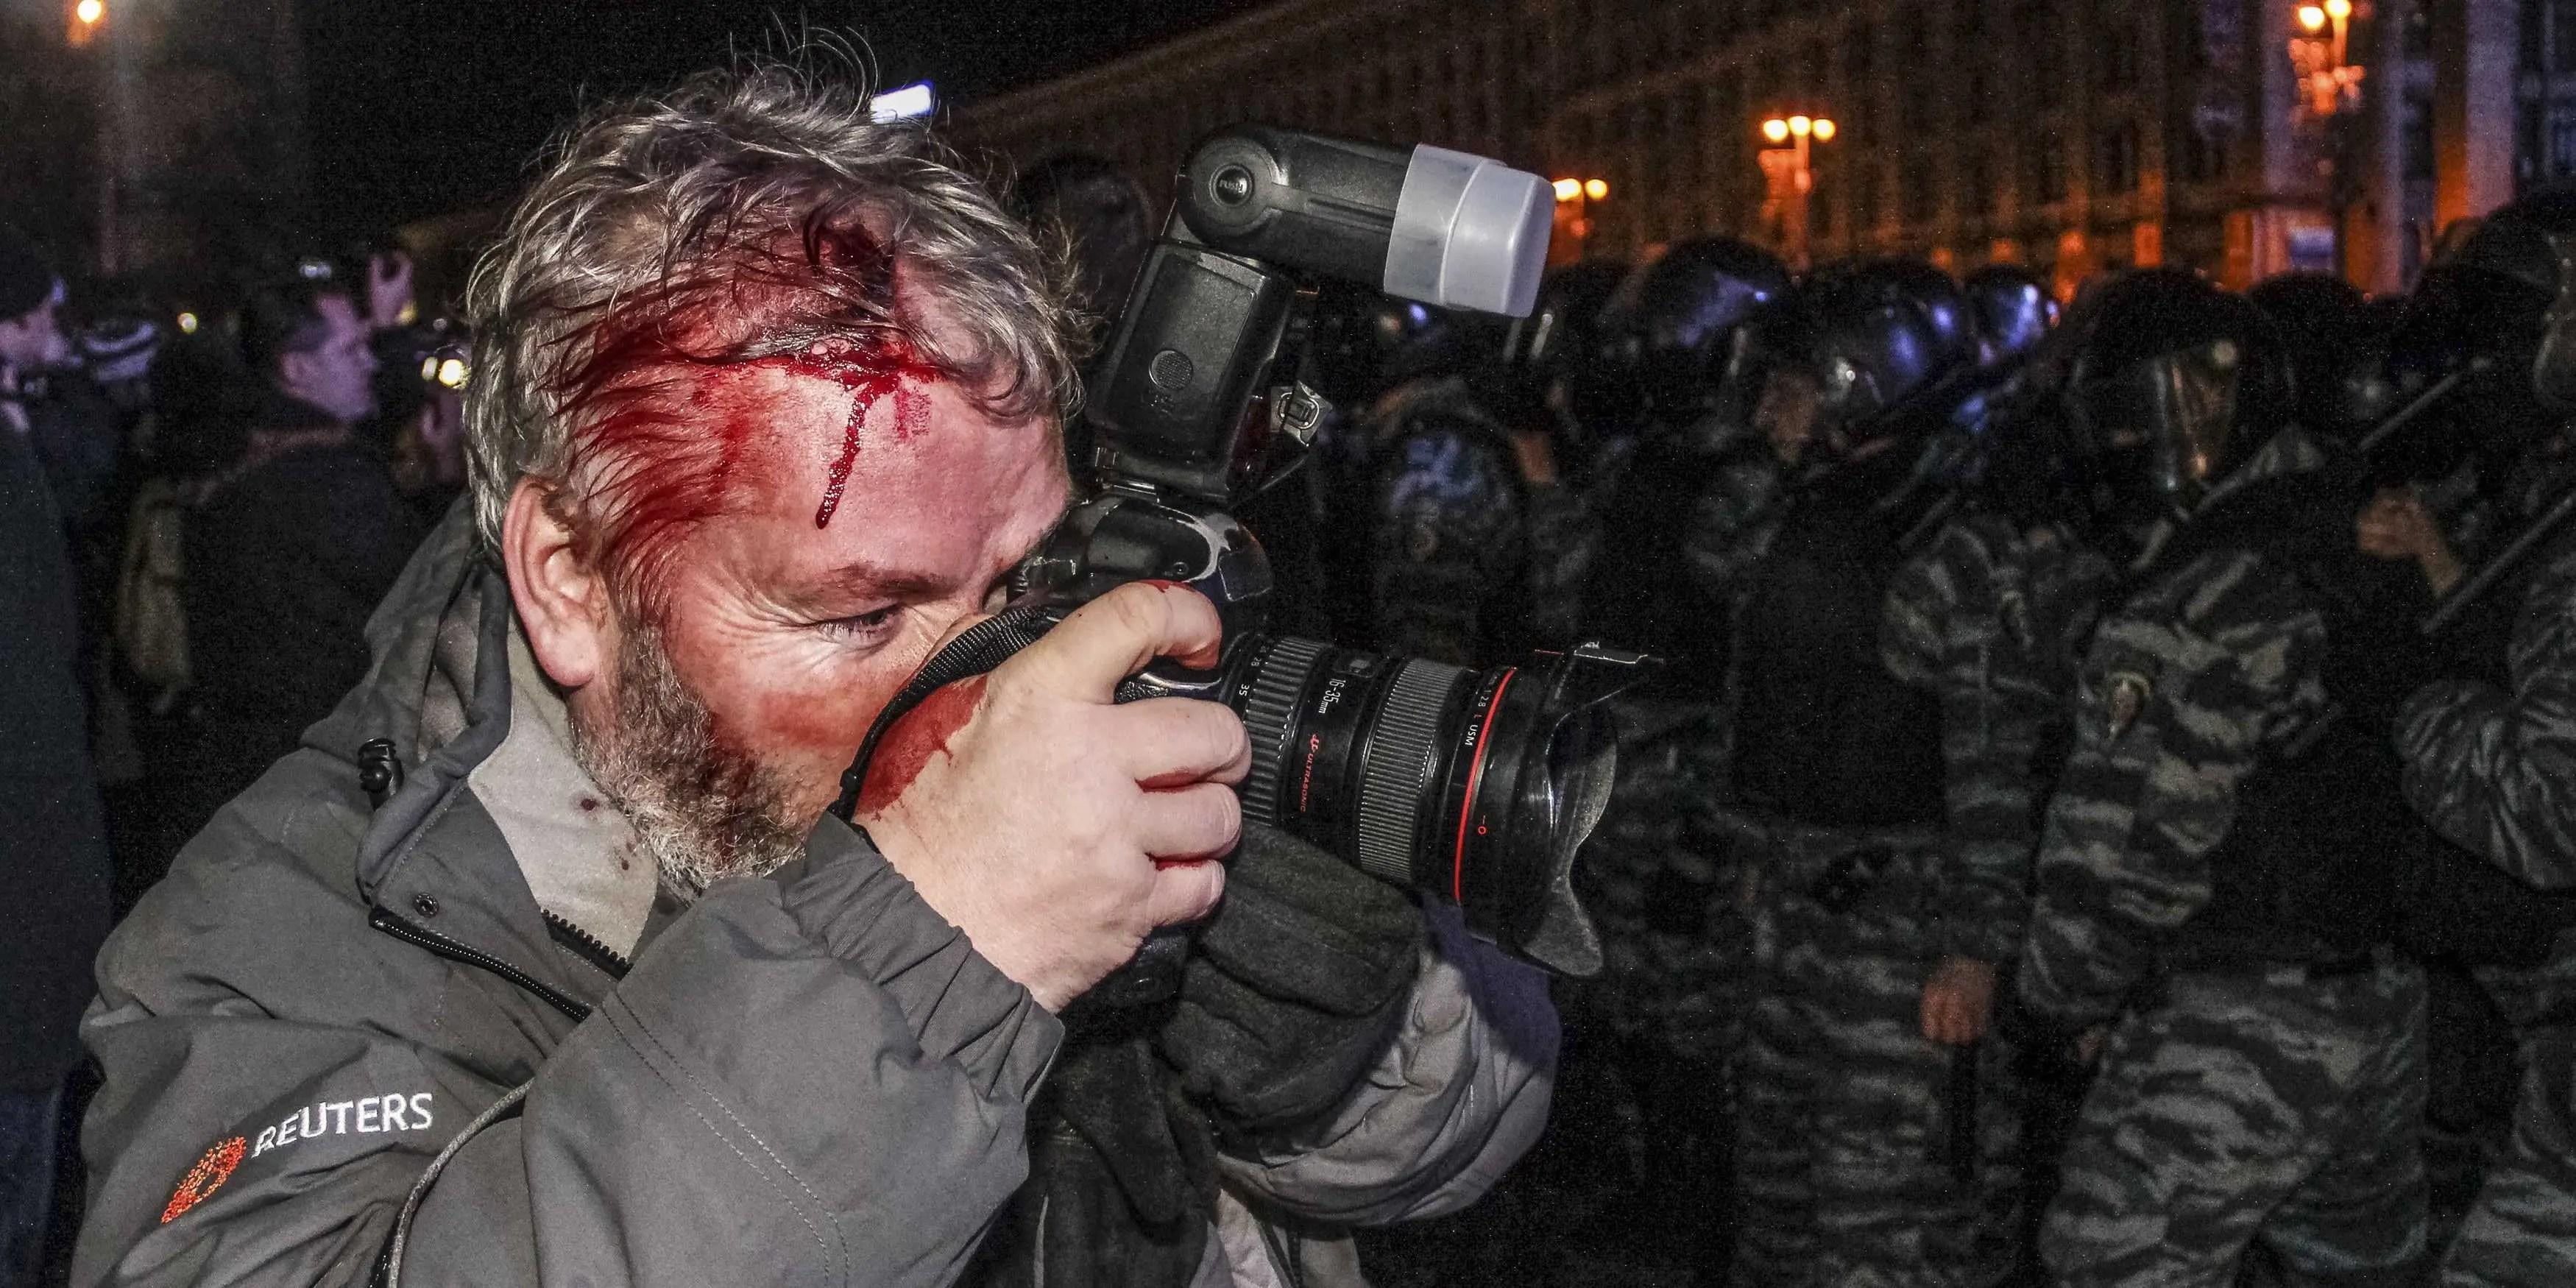 Reuters Photographer Hurt